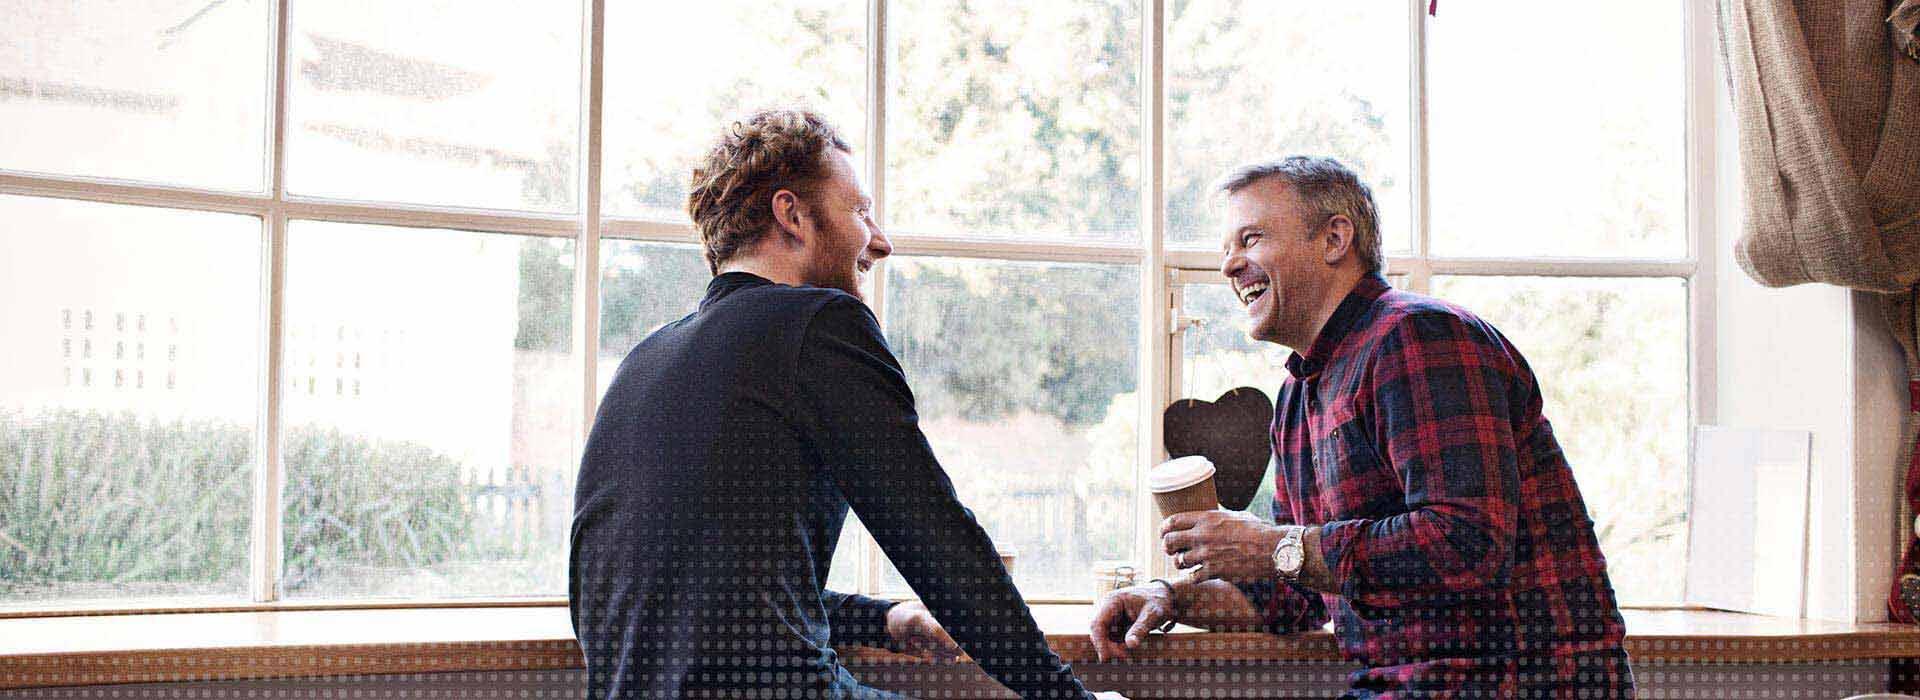 Zwei männliche Freunde sitzen in einem Café